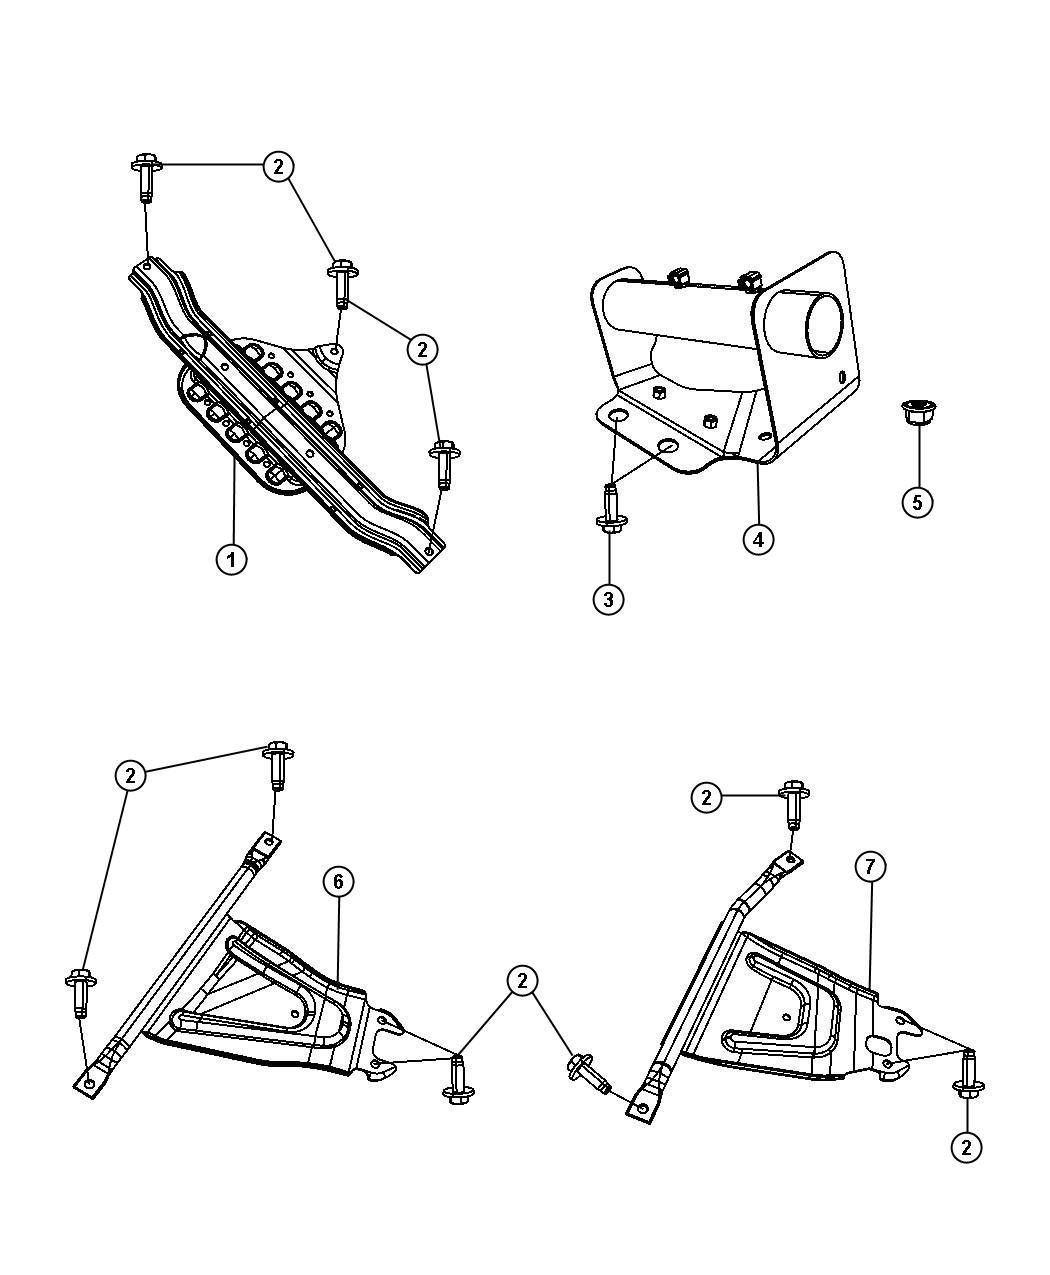 2007 jeep wrangler skid plate transmission. Black Bedroom Furniture Sets. Home Design Ideas